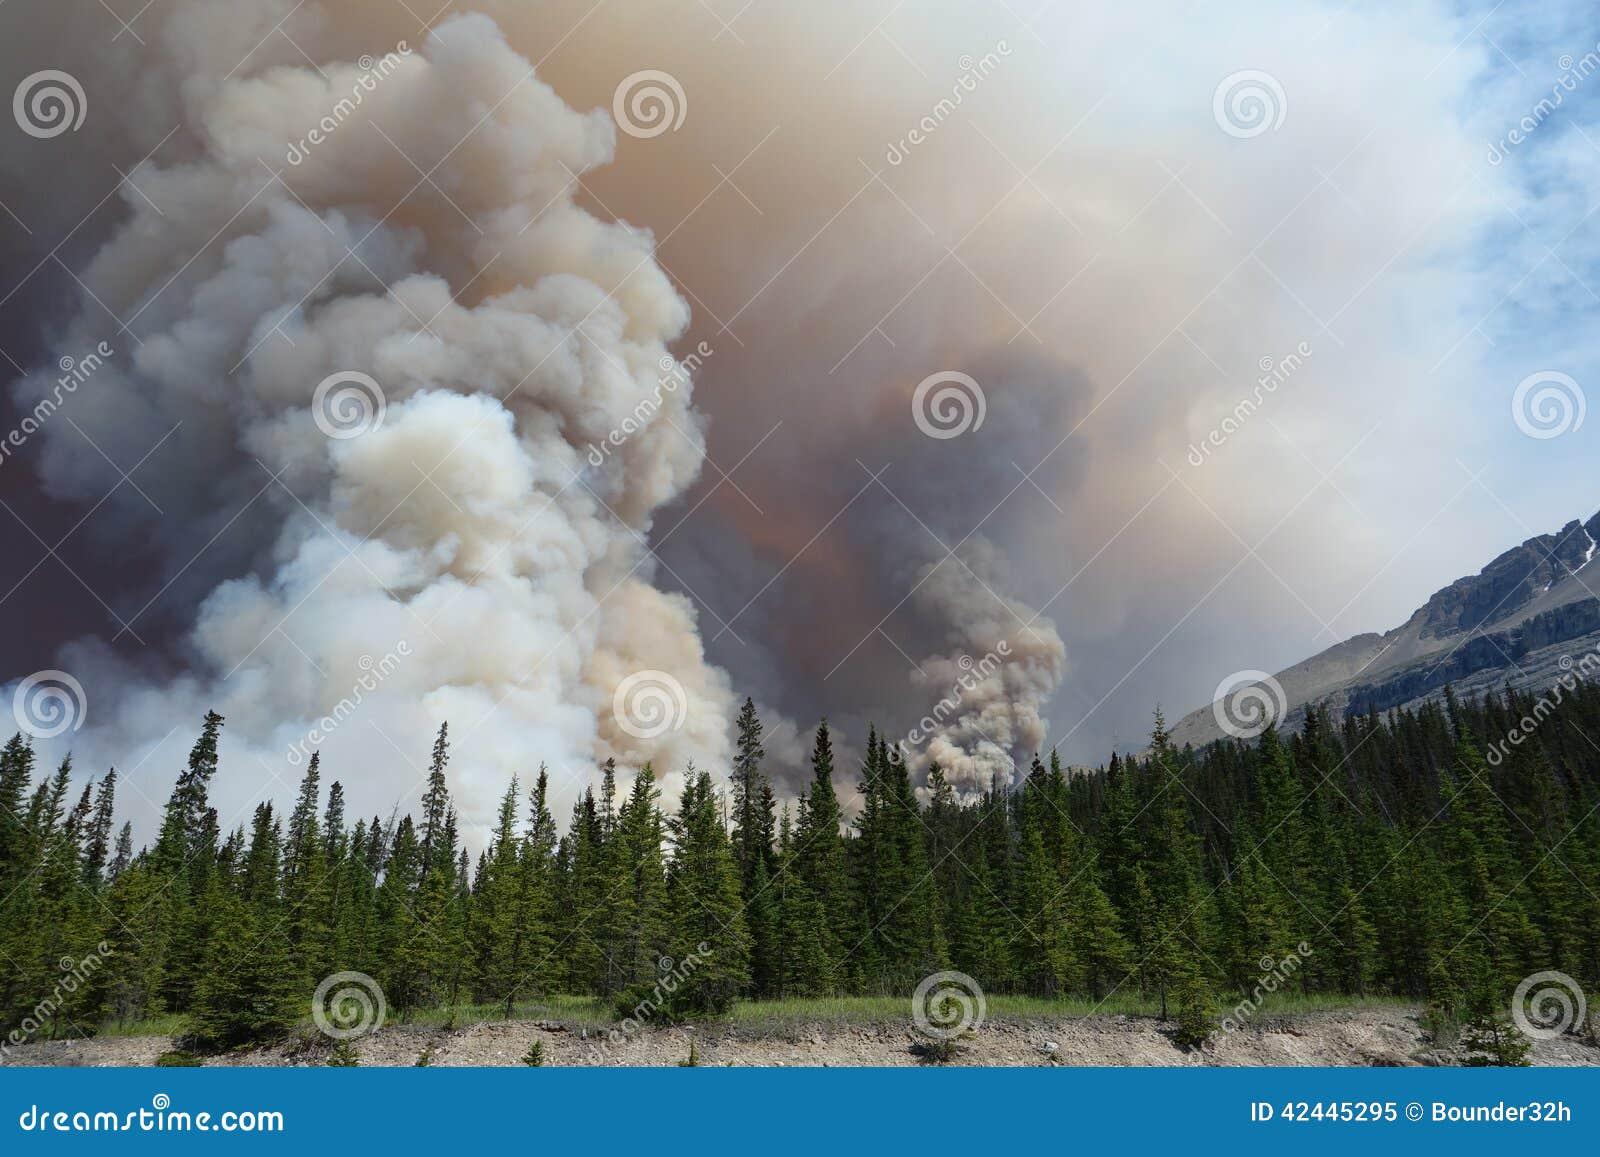 Un incendio forestal en un parque nacional